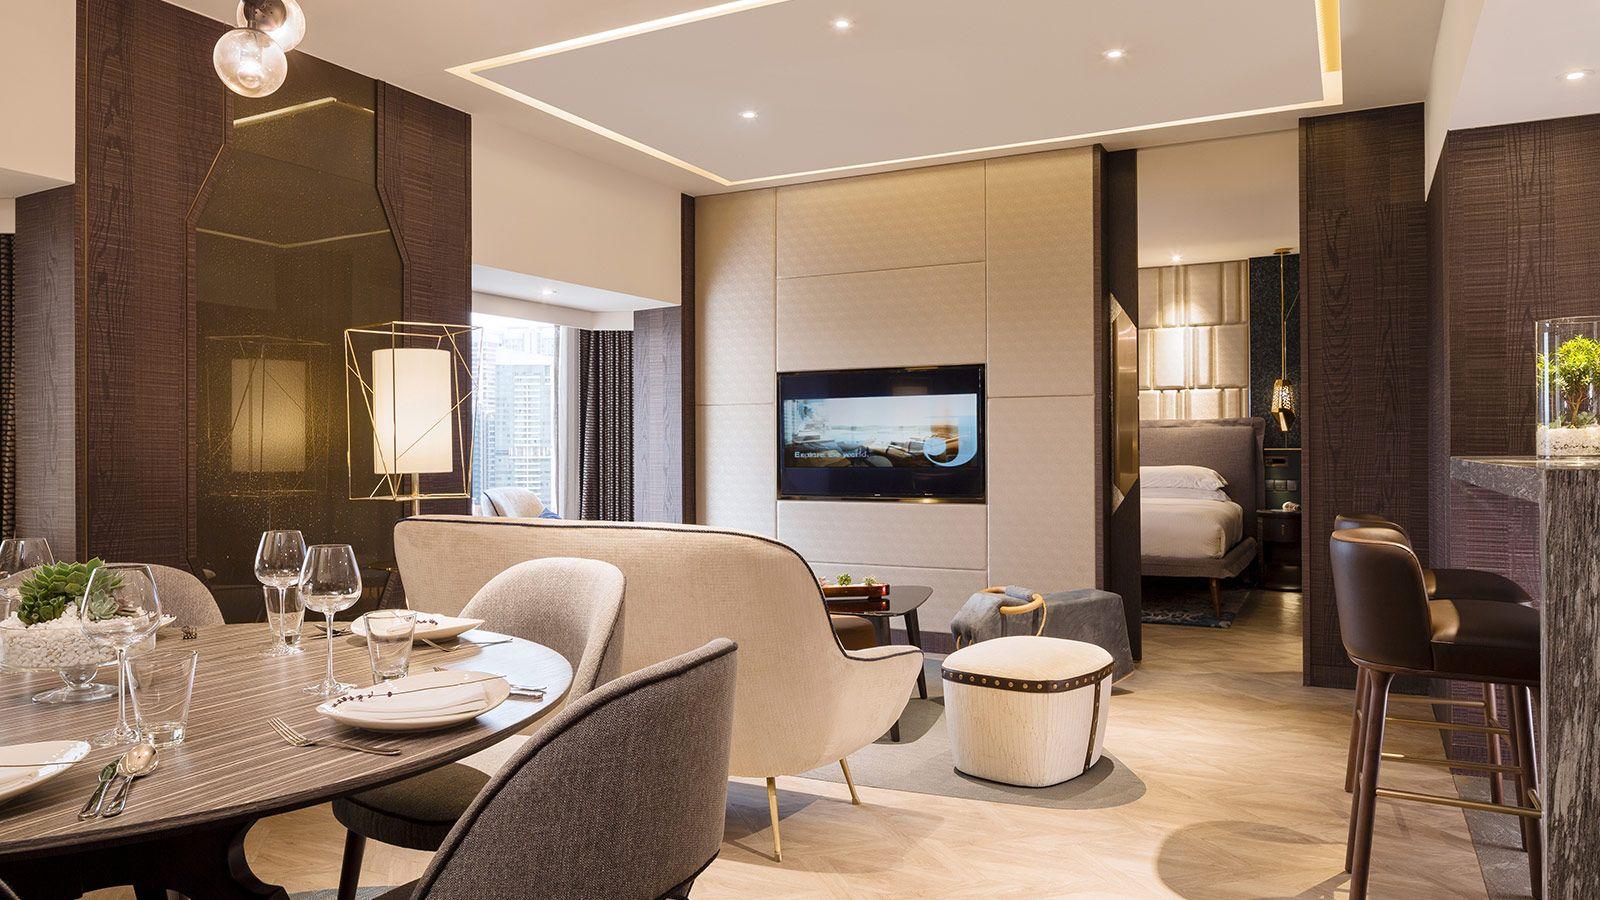 hotel-jen-tanglin-singaporea-suite.jpg (1600×900)